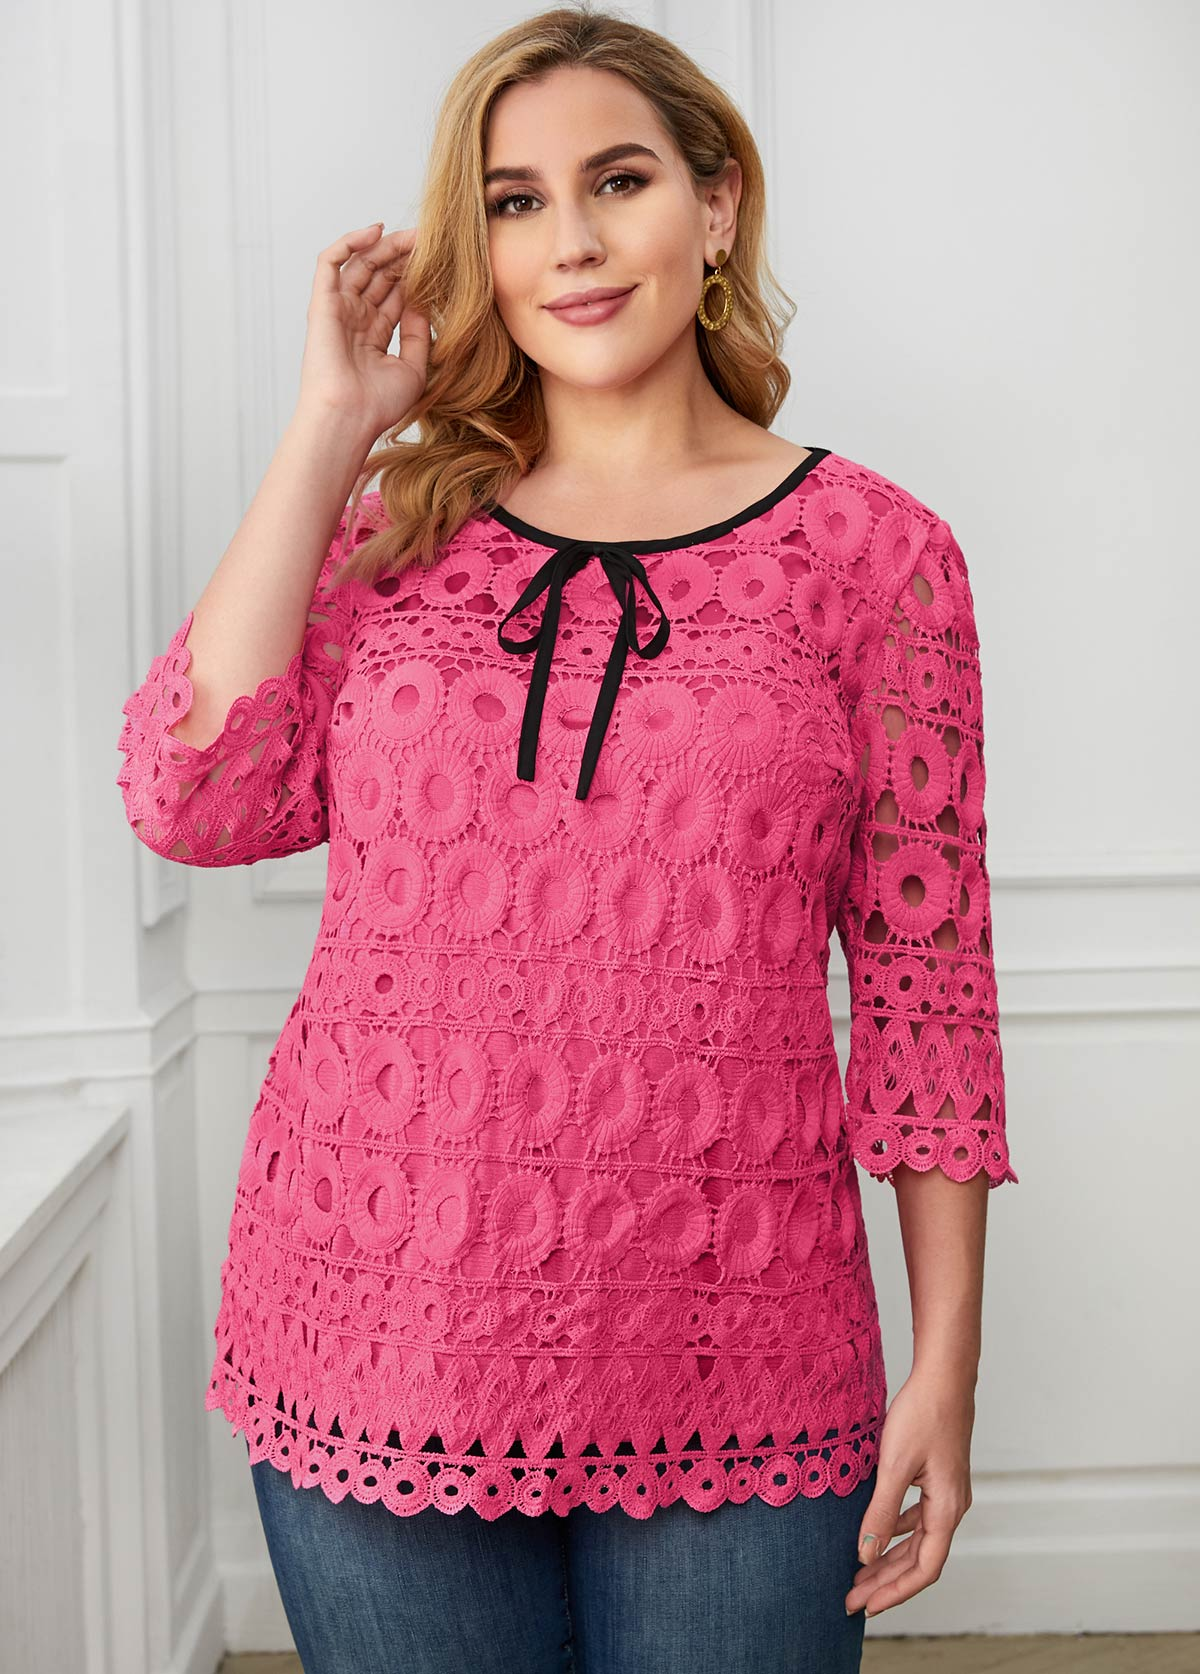 ROTITA Plus Size Tie Neck Lace Contrast T Shirt